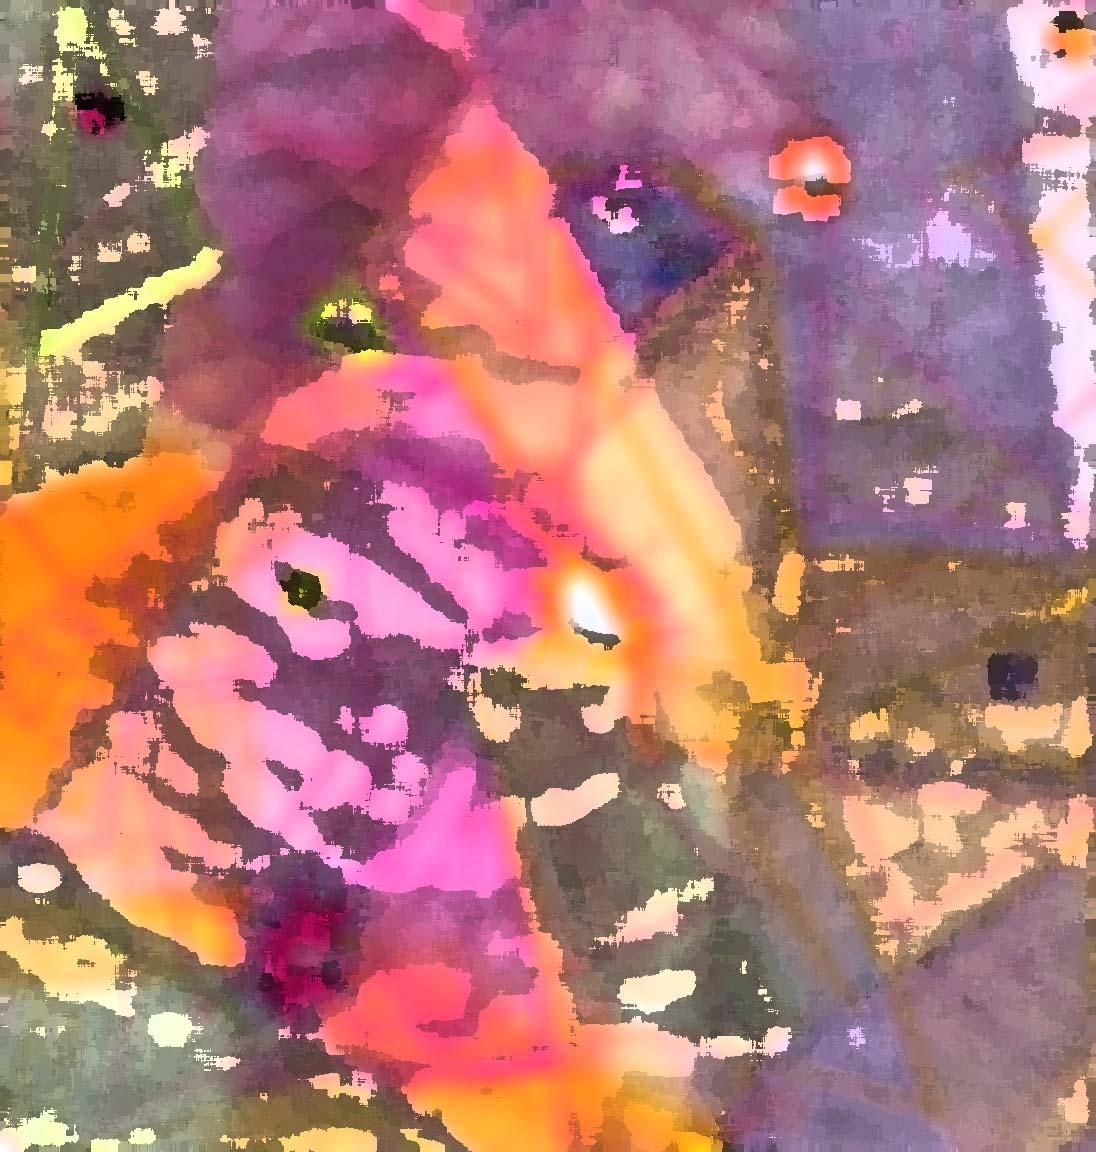 http://3.bp.blogspot.com/-9RQDMYq-pLE/T-WjEI9qtuI/AAAAAAAAJy4/78cVspX9wR4/s1600/Applique+palette+knife+filter.jpg